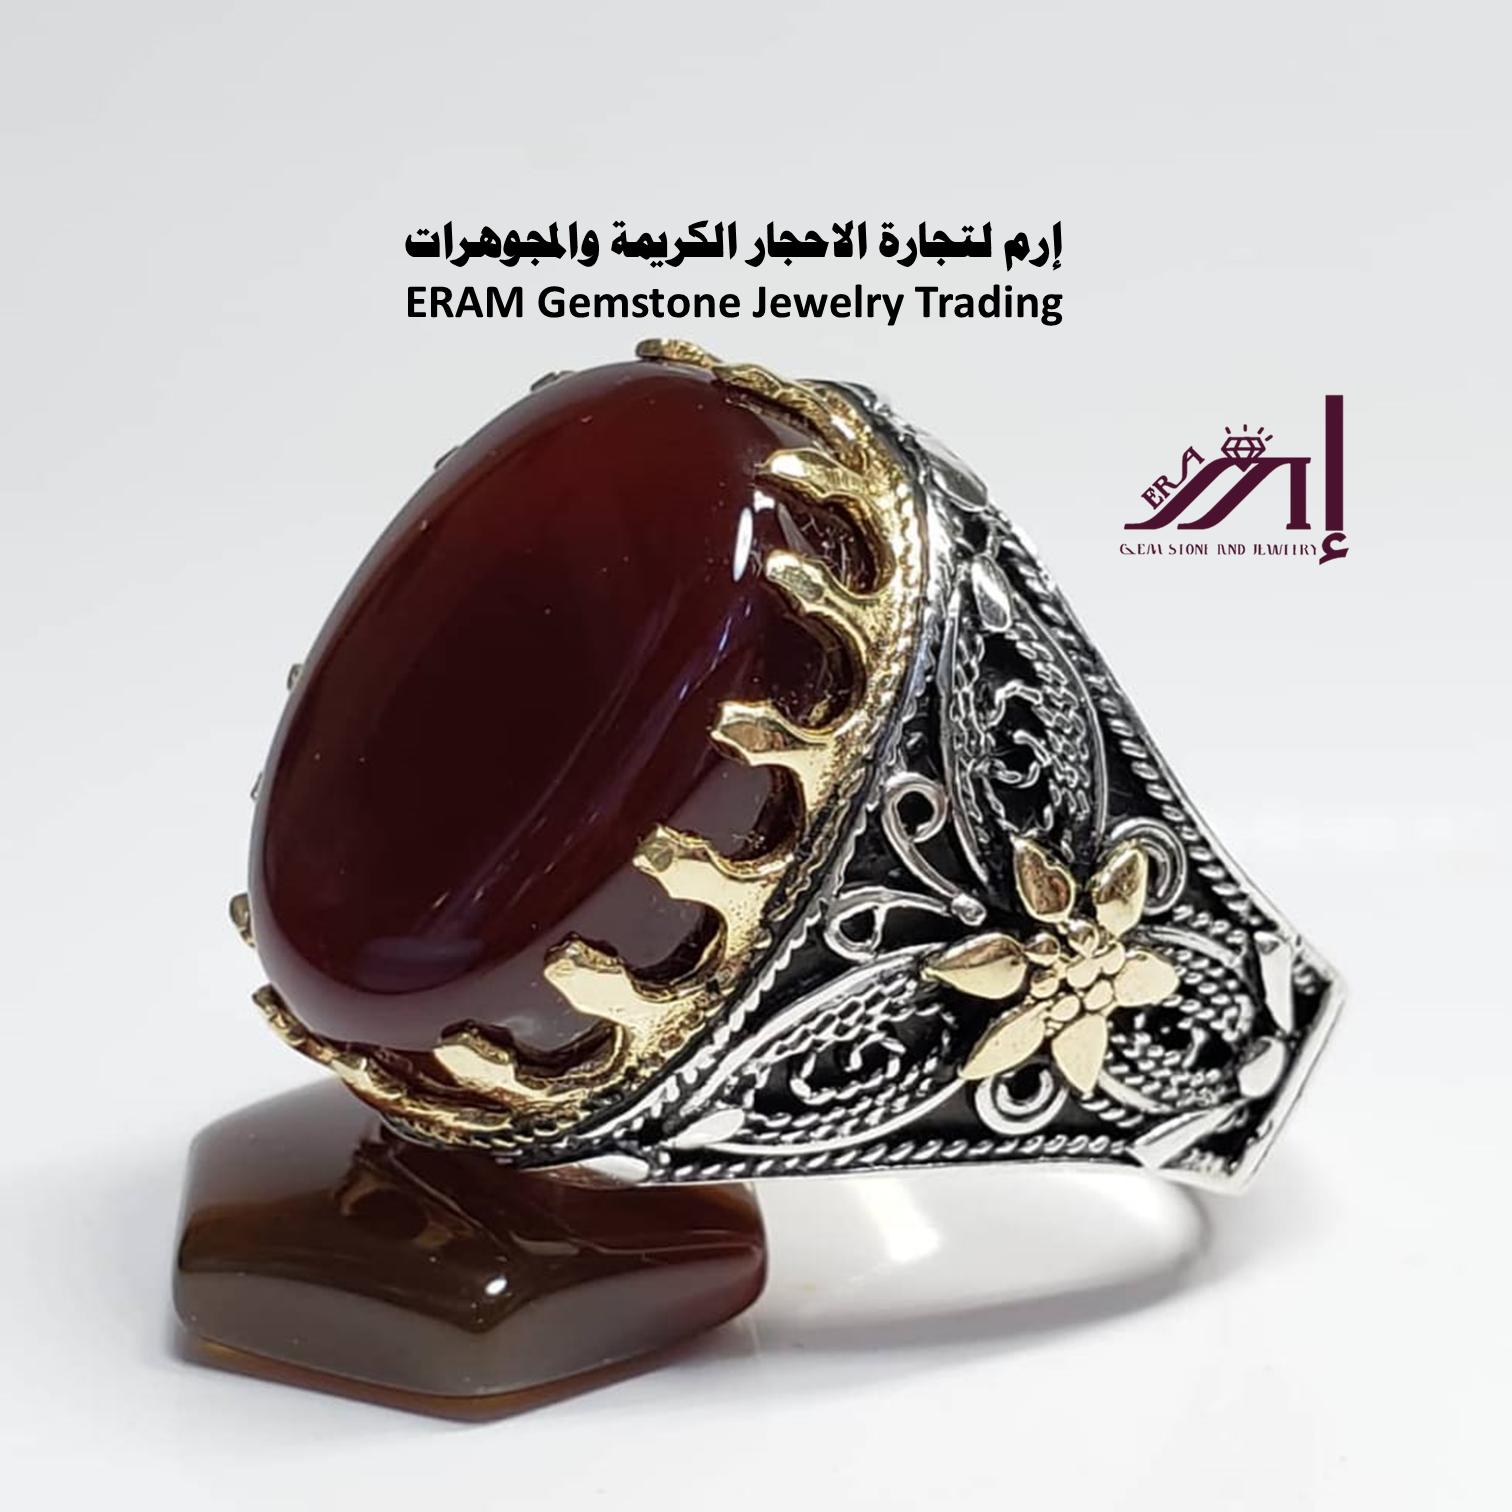 اتبع مشاعرك في اختيار مجوهراتك خاتم يماني عقيق احمر كبدي دم الغزال درجة اولى Agate مميز طبيعي100 Gemstones Gemstone Jewelry Gemstone Rings